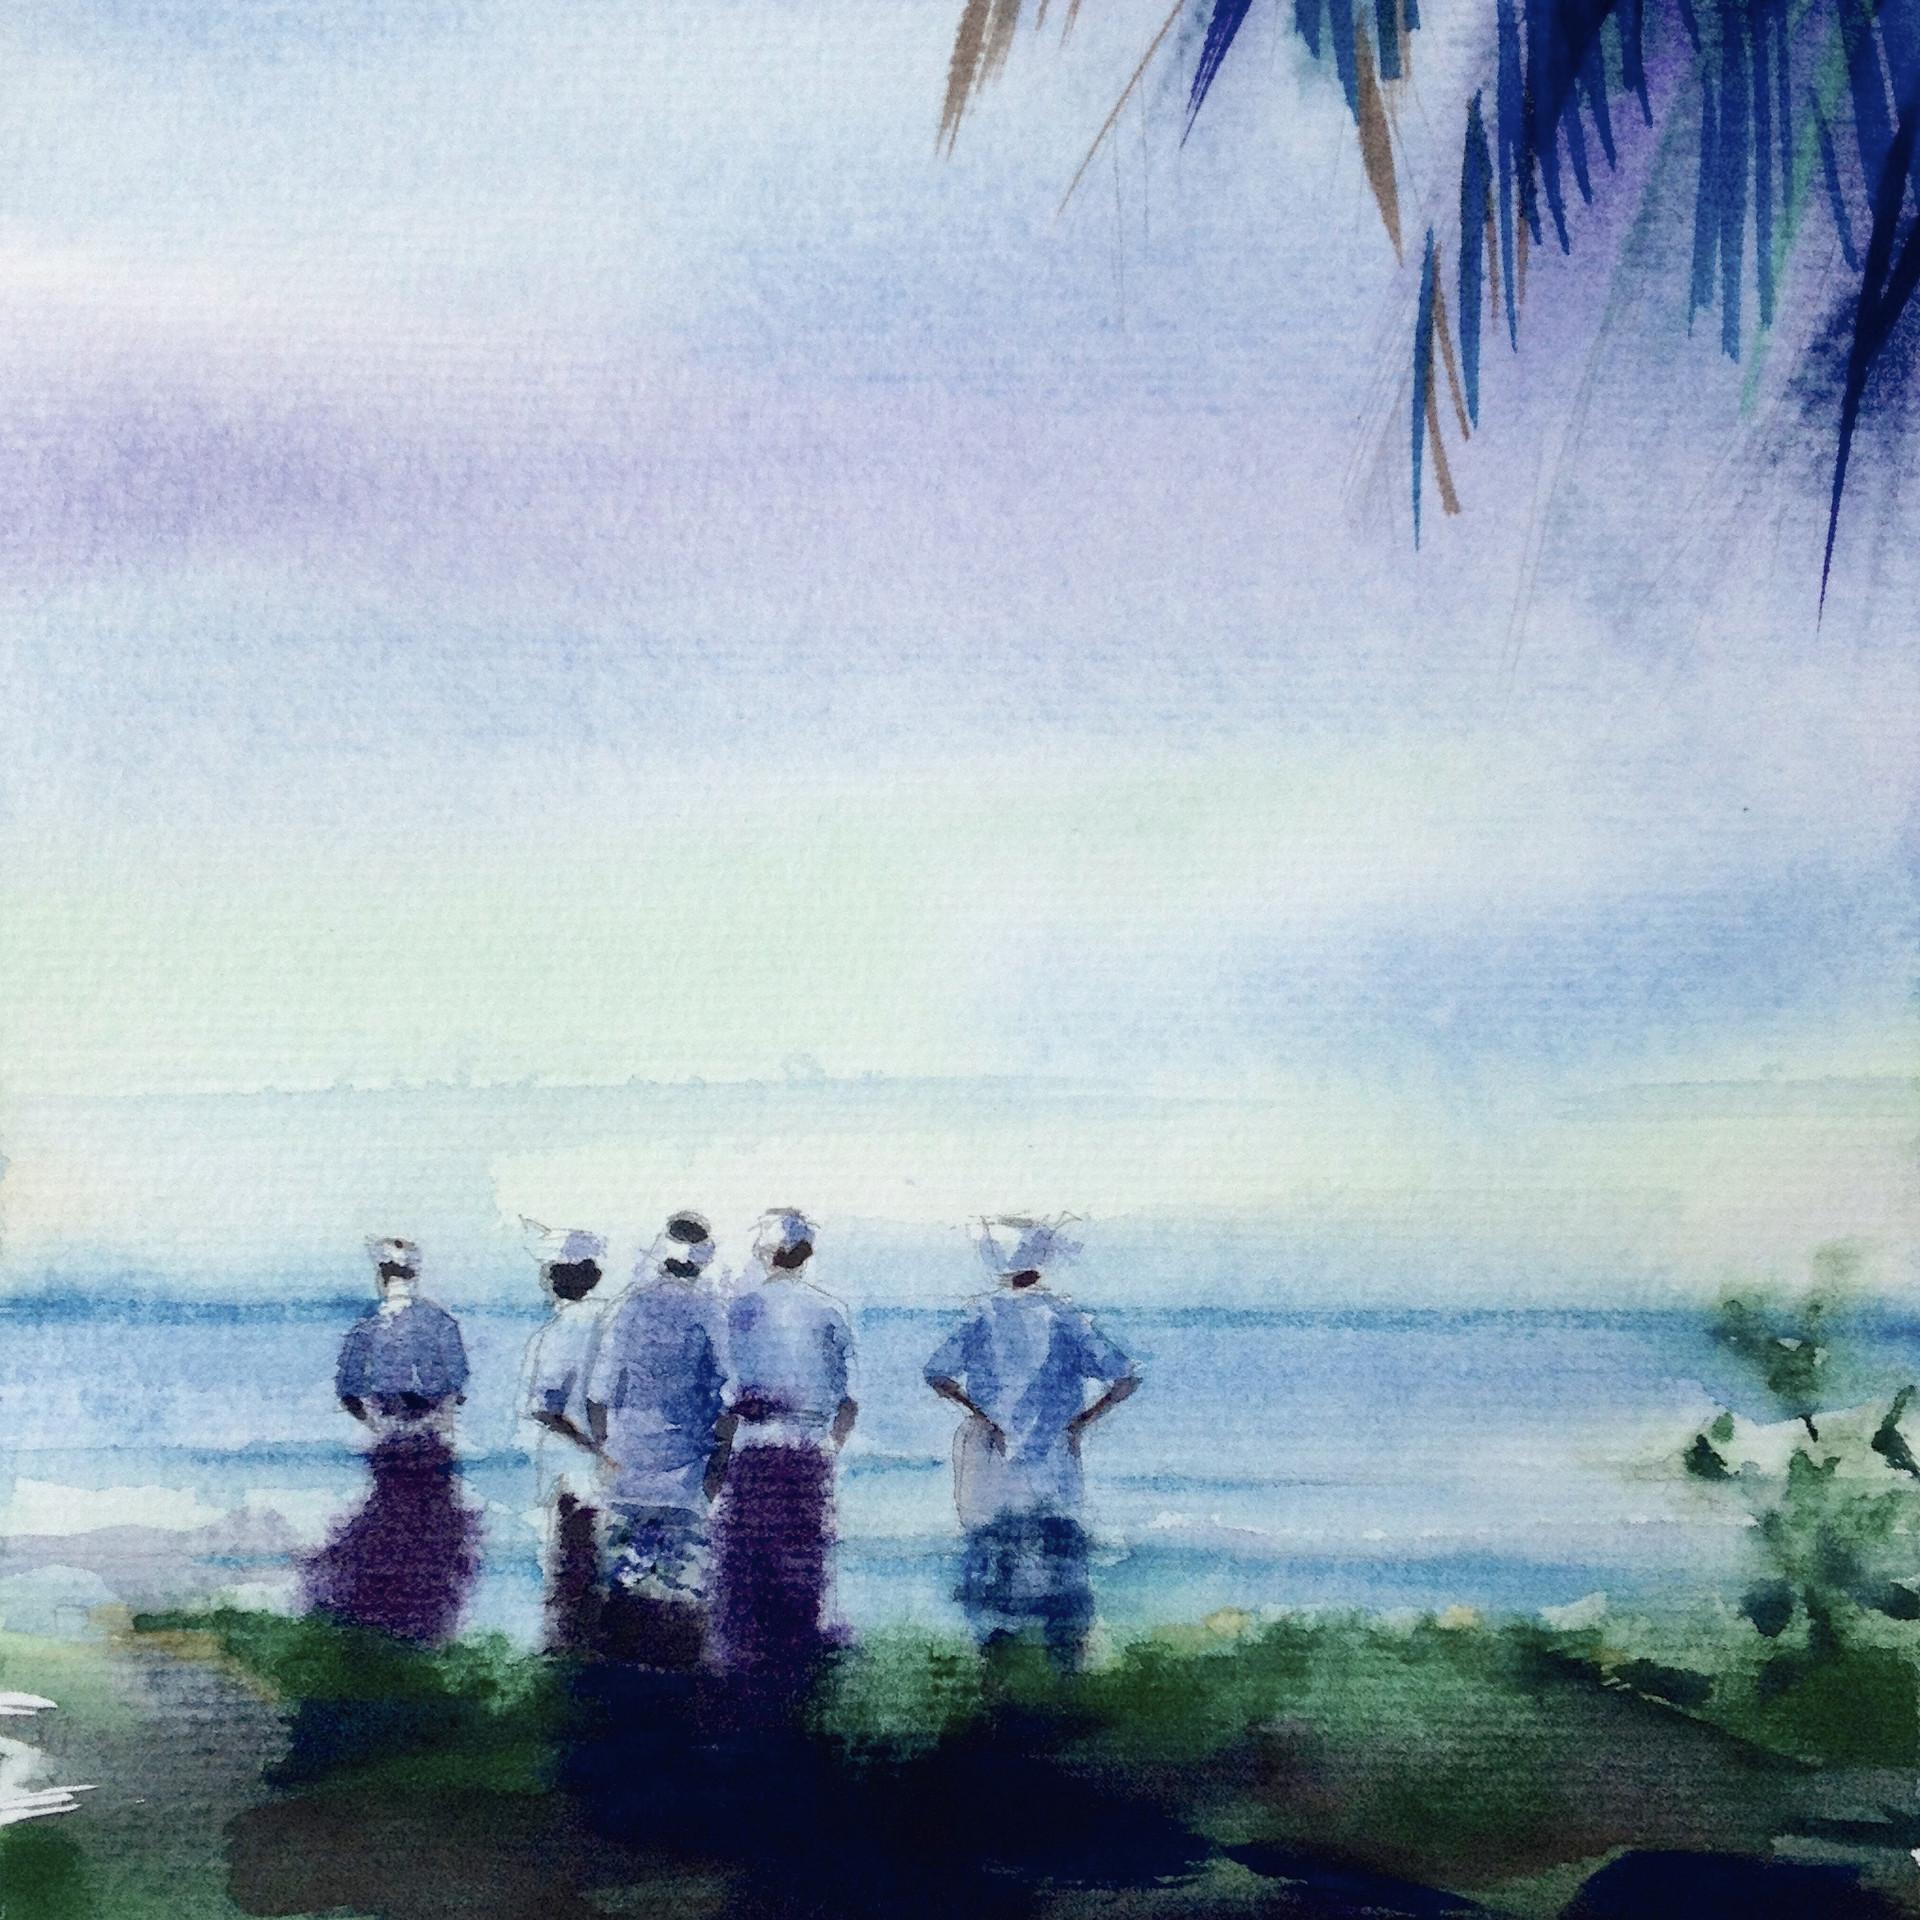 Balinese men.